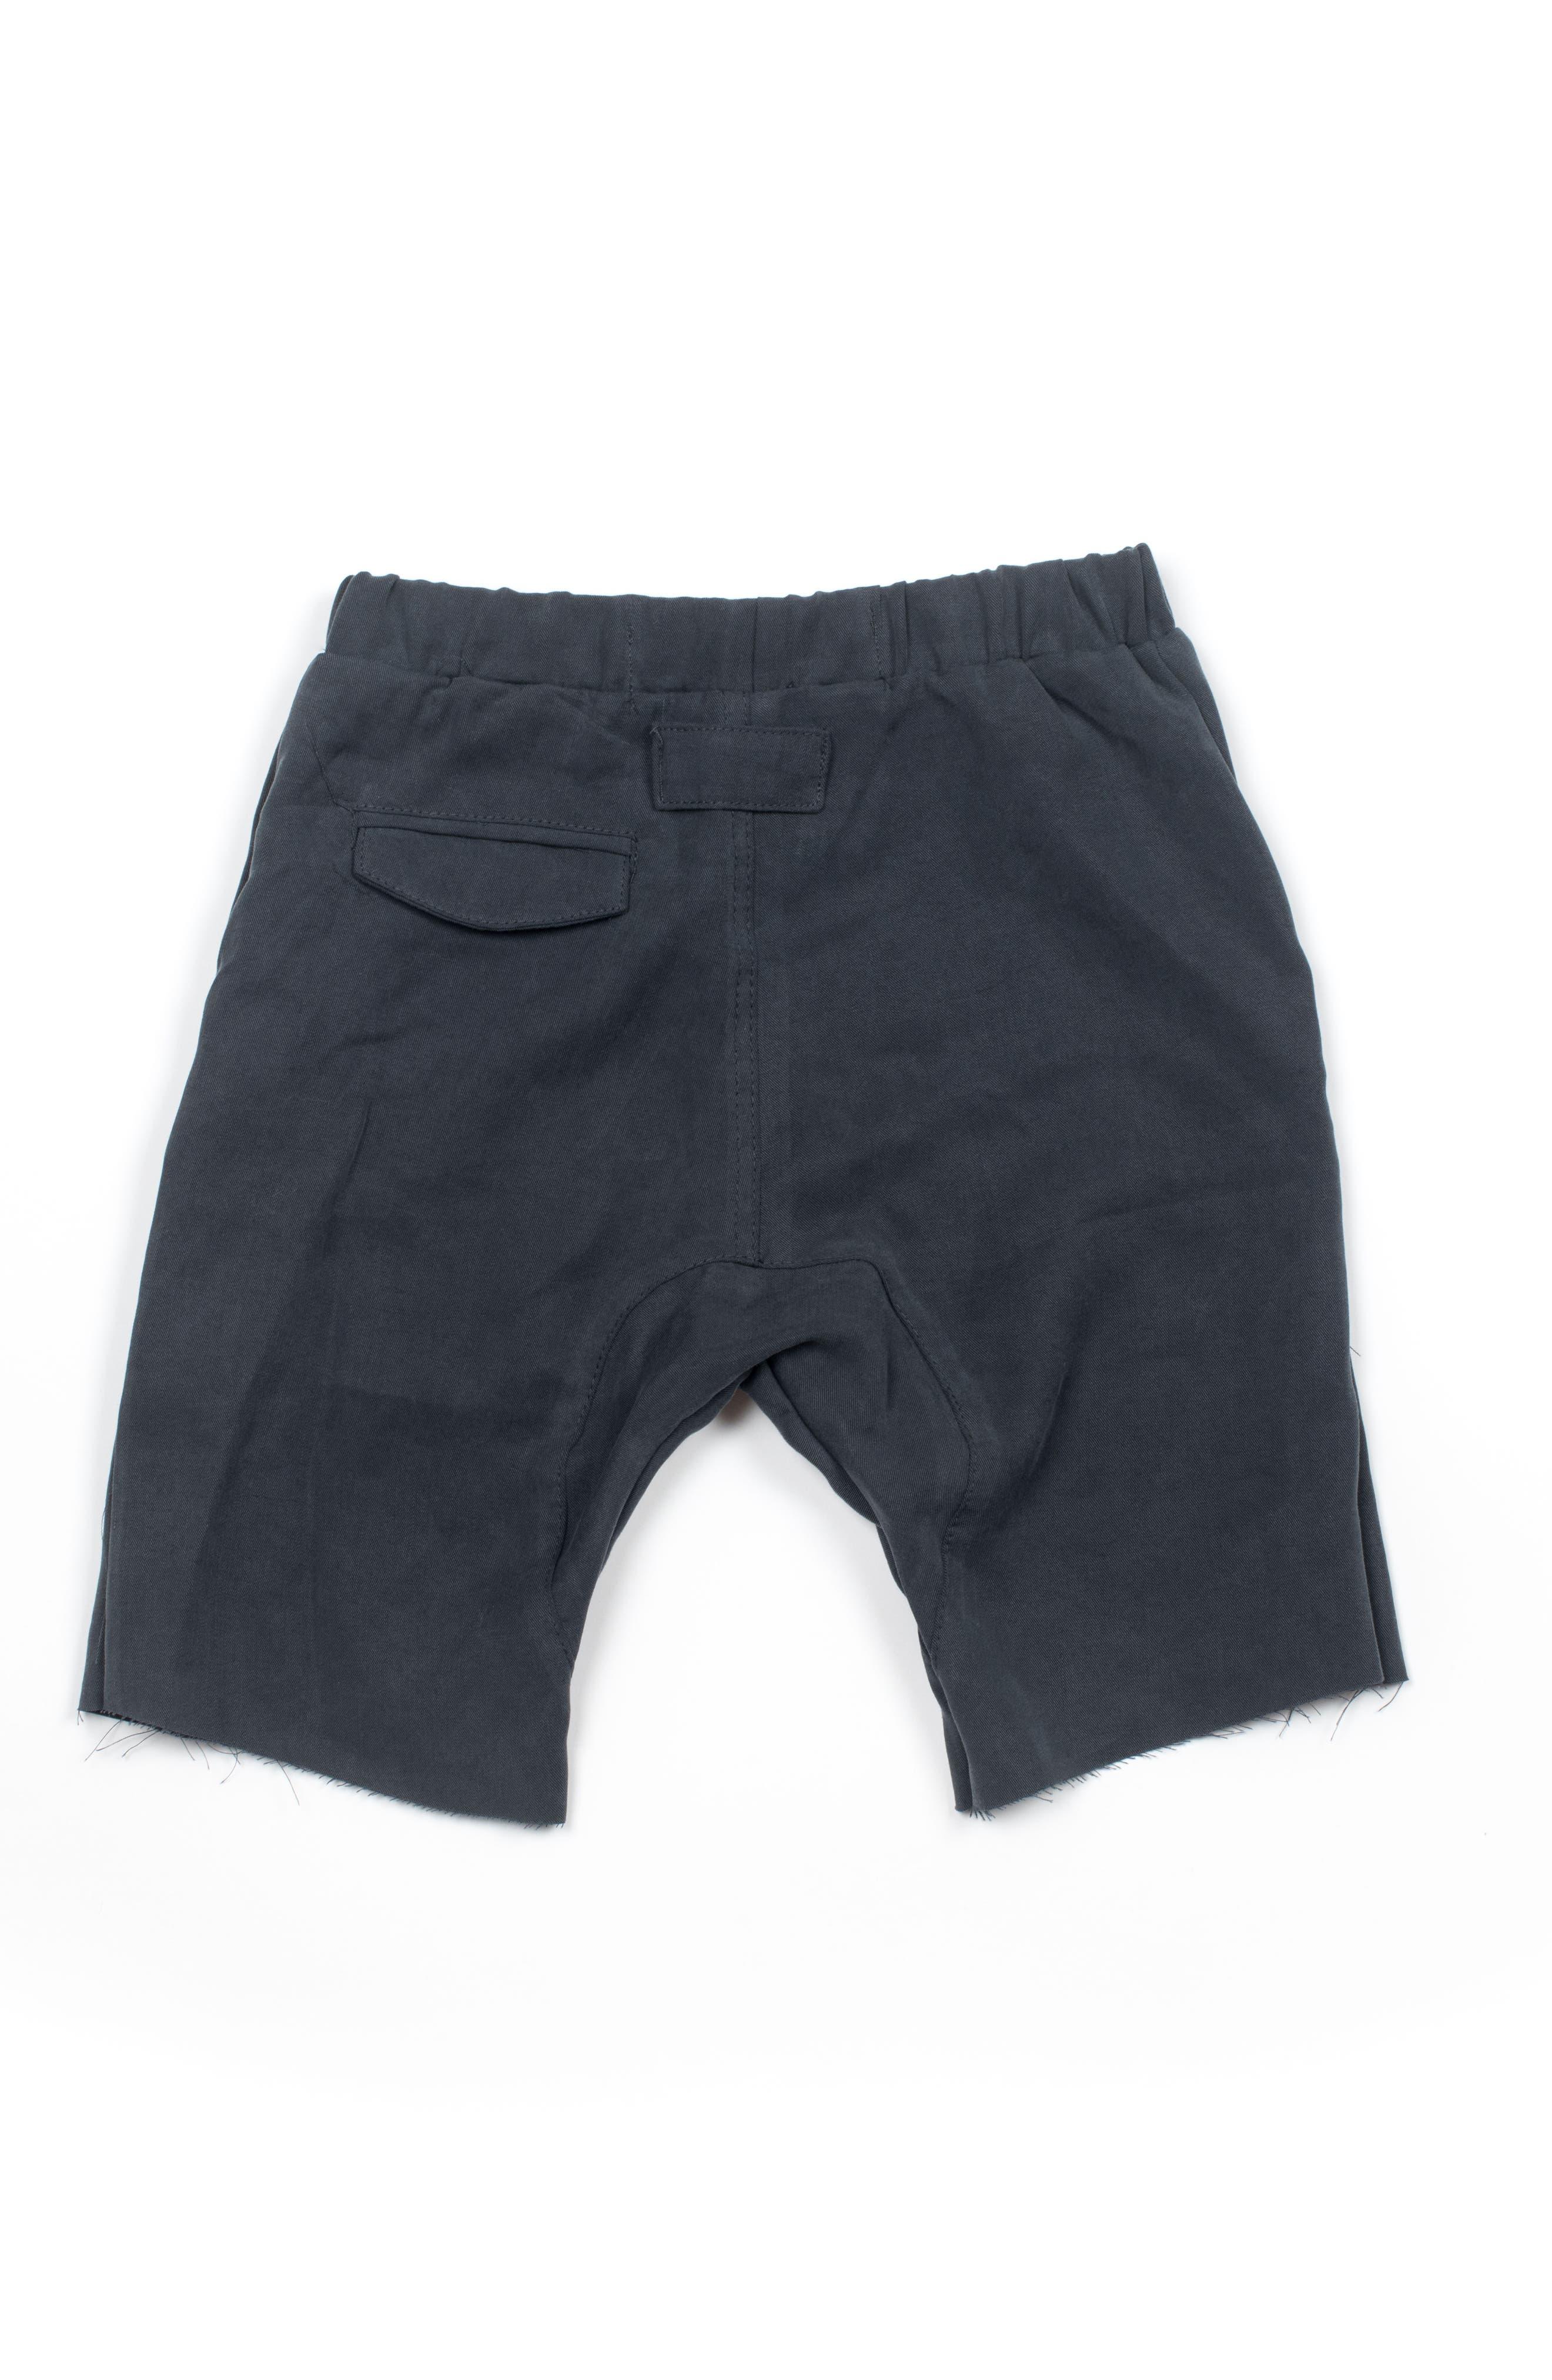 Alternate Image 2  - Hudson + Hobbs Shorts (Toddler Boys & Little Boys)